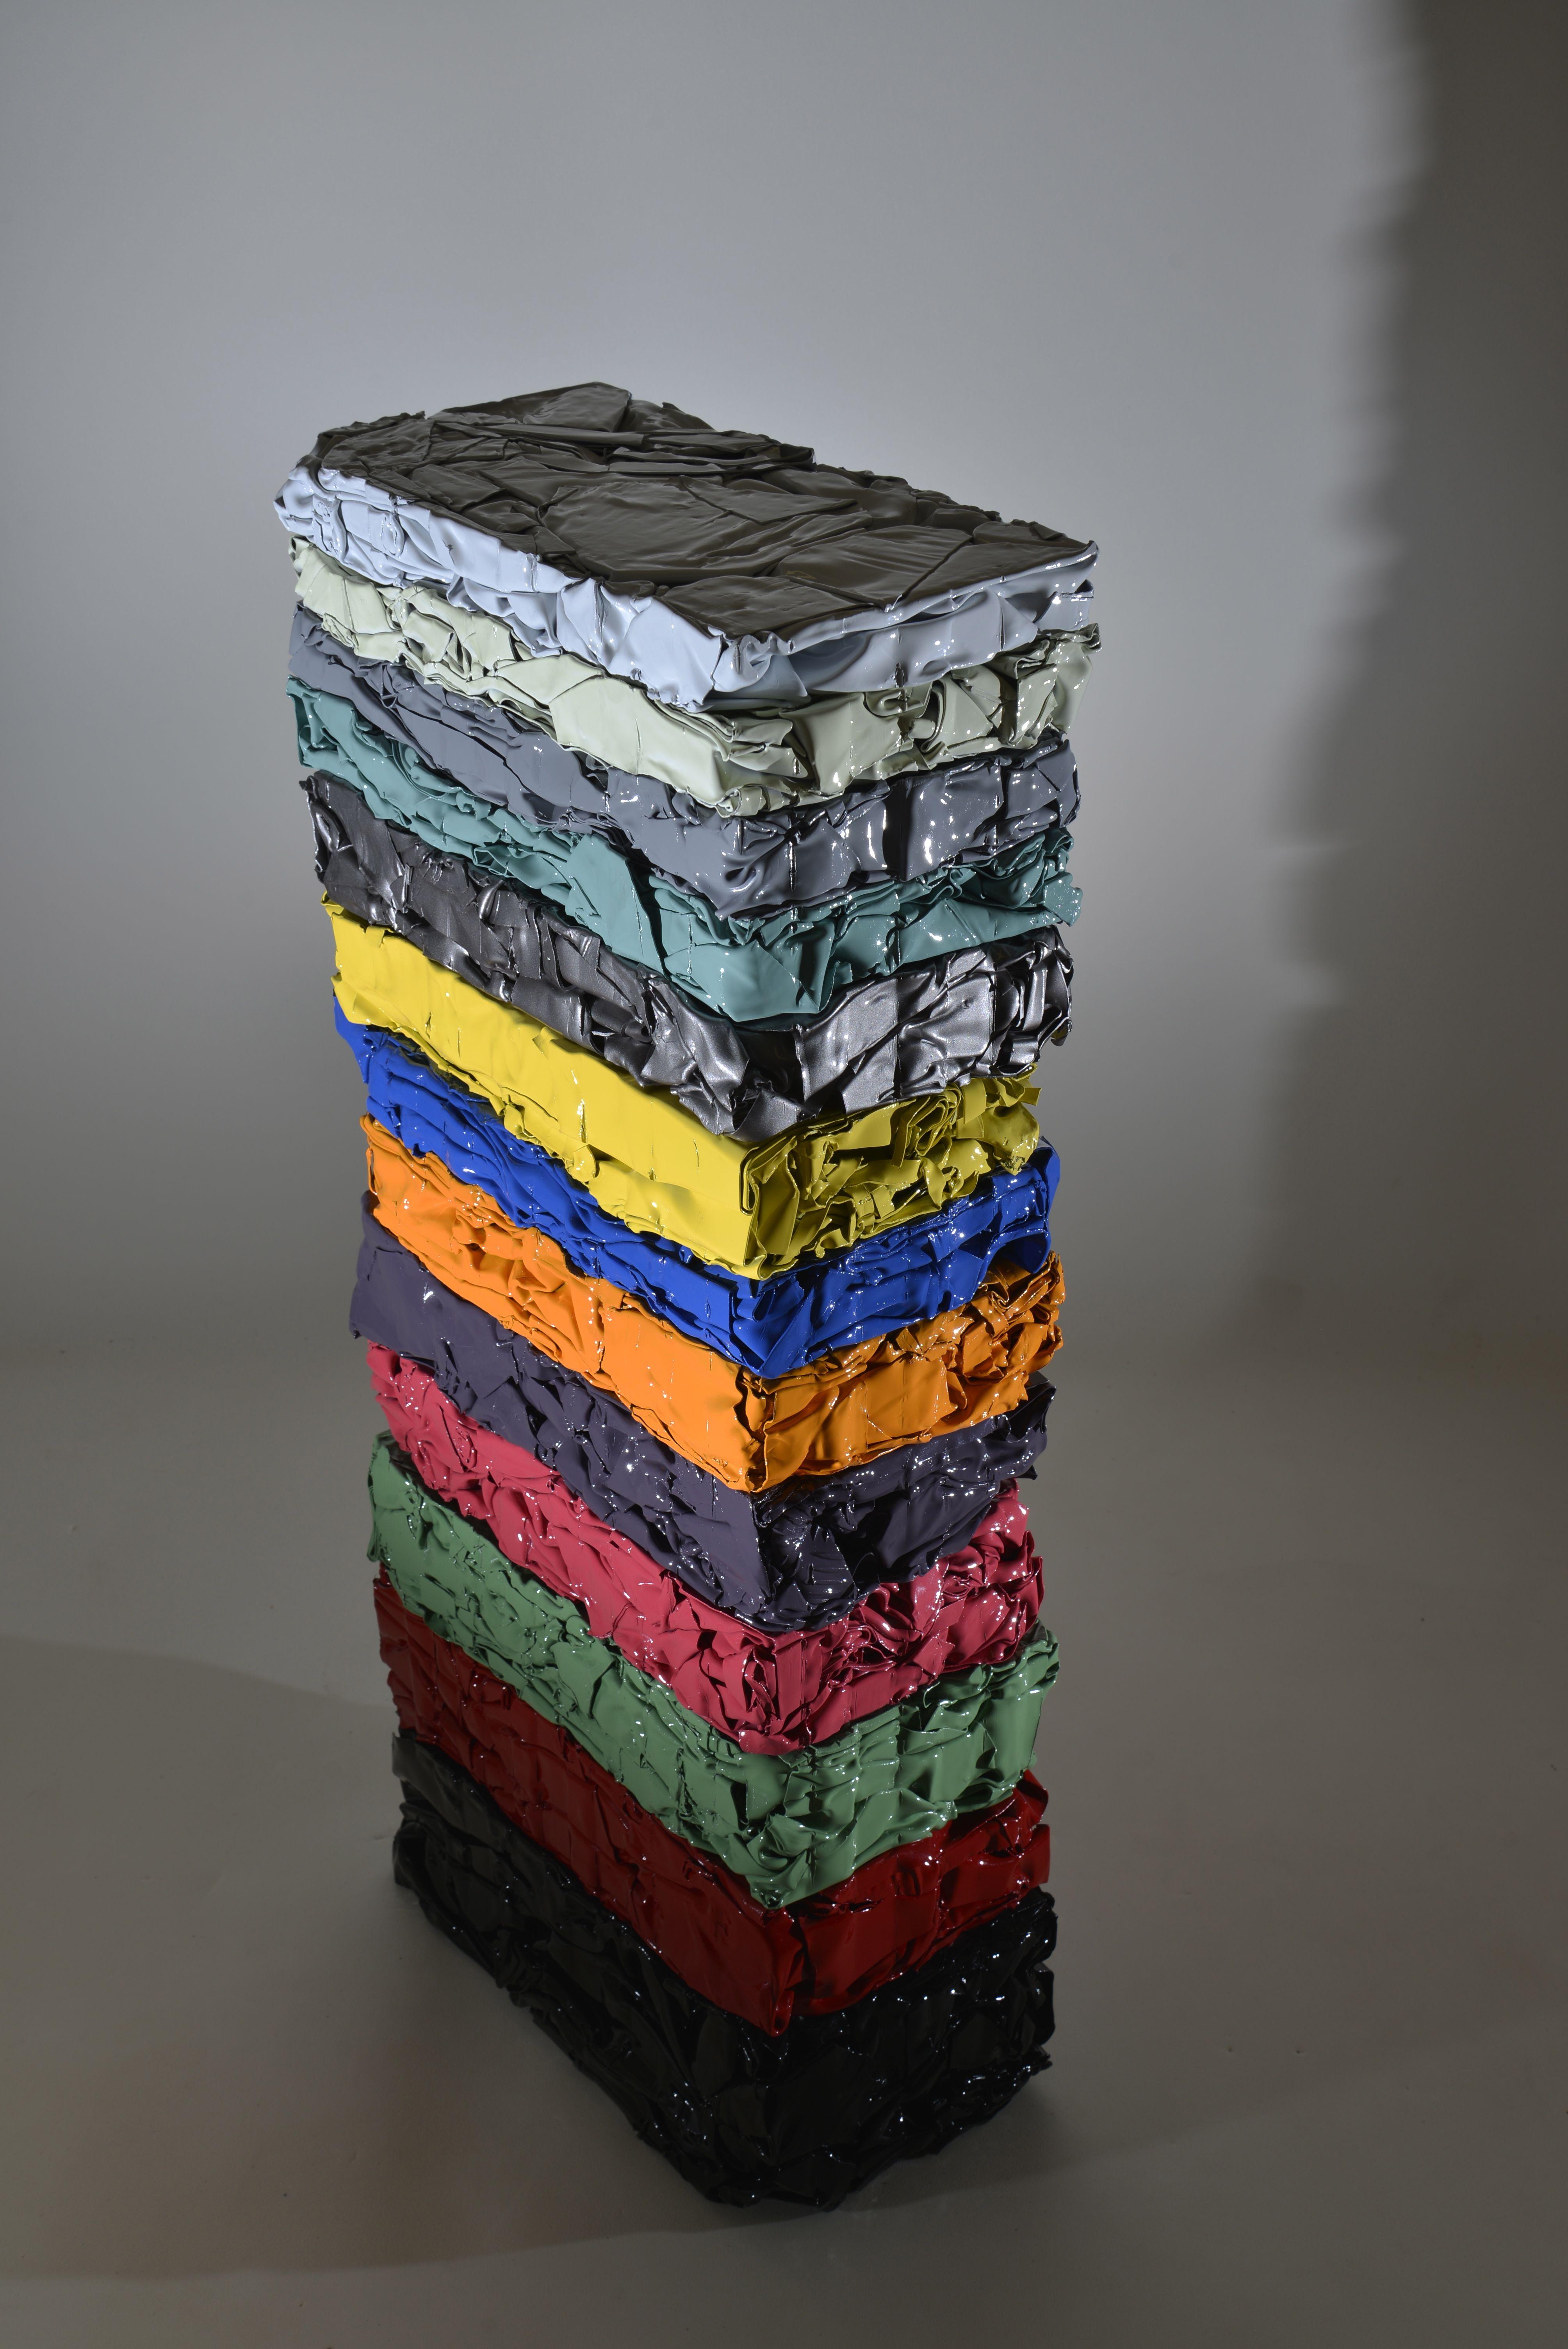 Aluminium by Sam Shendi